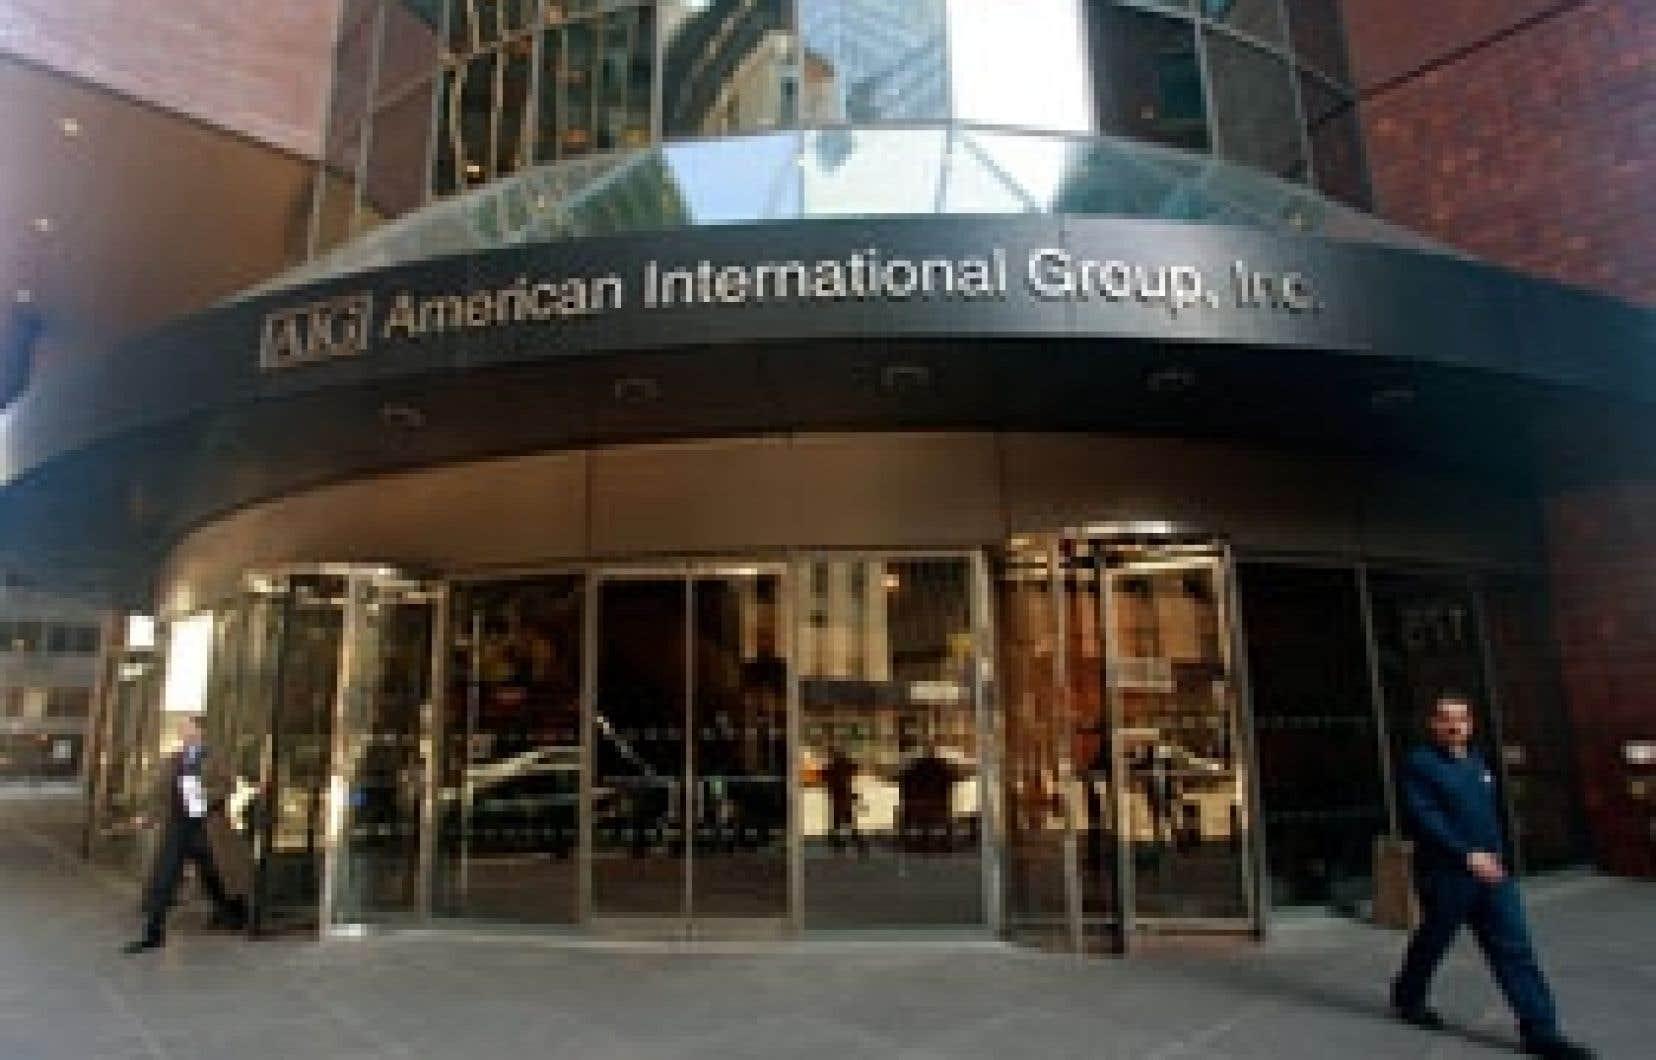 La dernière demande d'aide financière à l'administration Obama vient de l'ex-numéro un mondial de l'assurance, AIG, qui serait en discussions pour obtenir une rallonge de 60 milliards, s'ajoutant aux 150 milliards reçus depuis septembre.